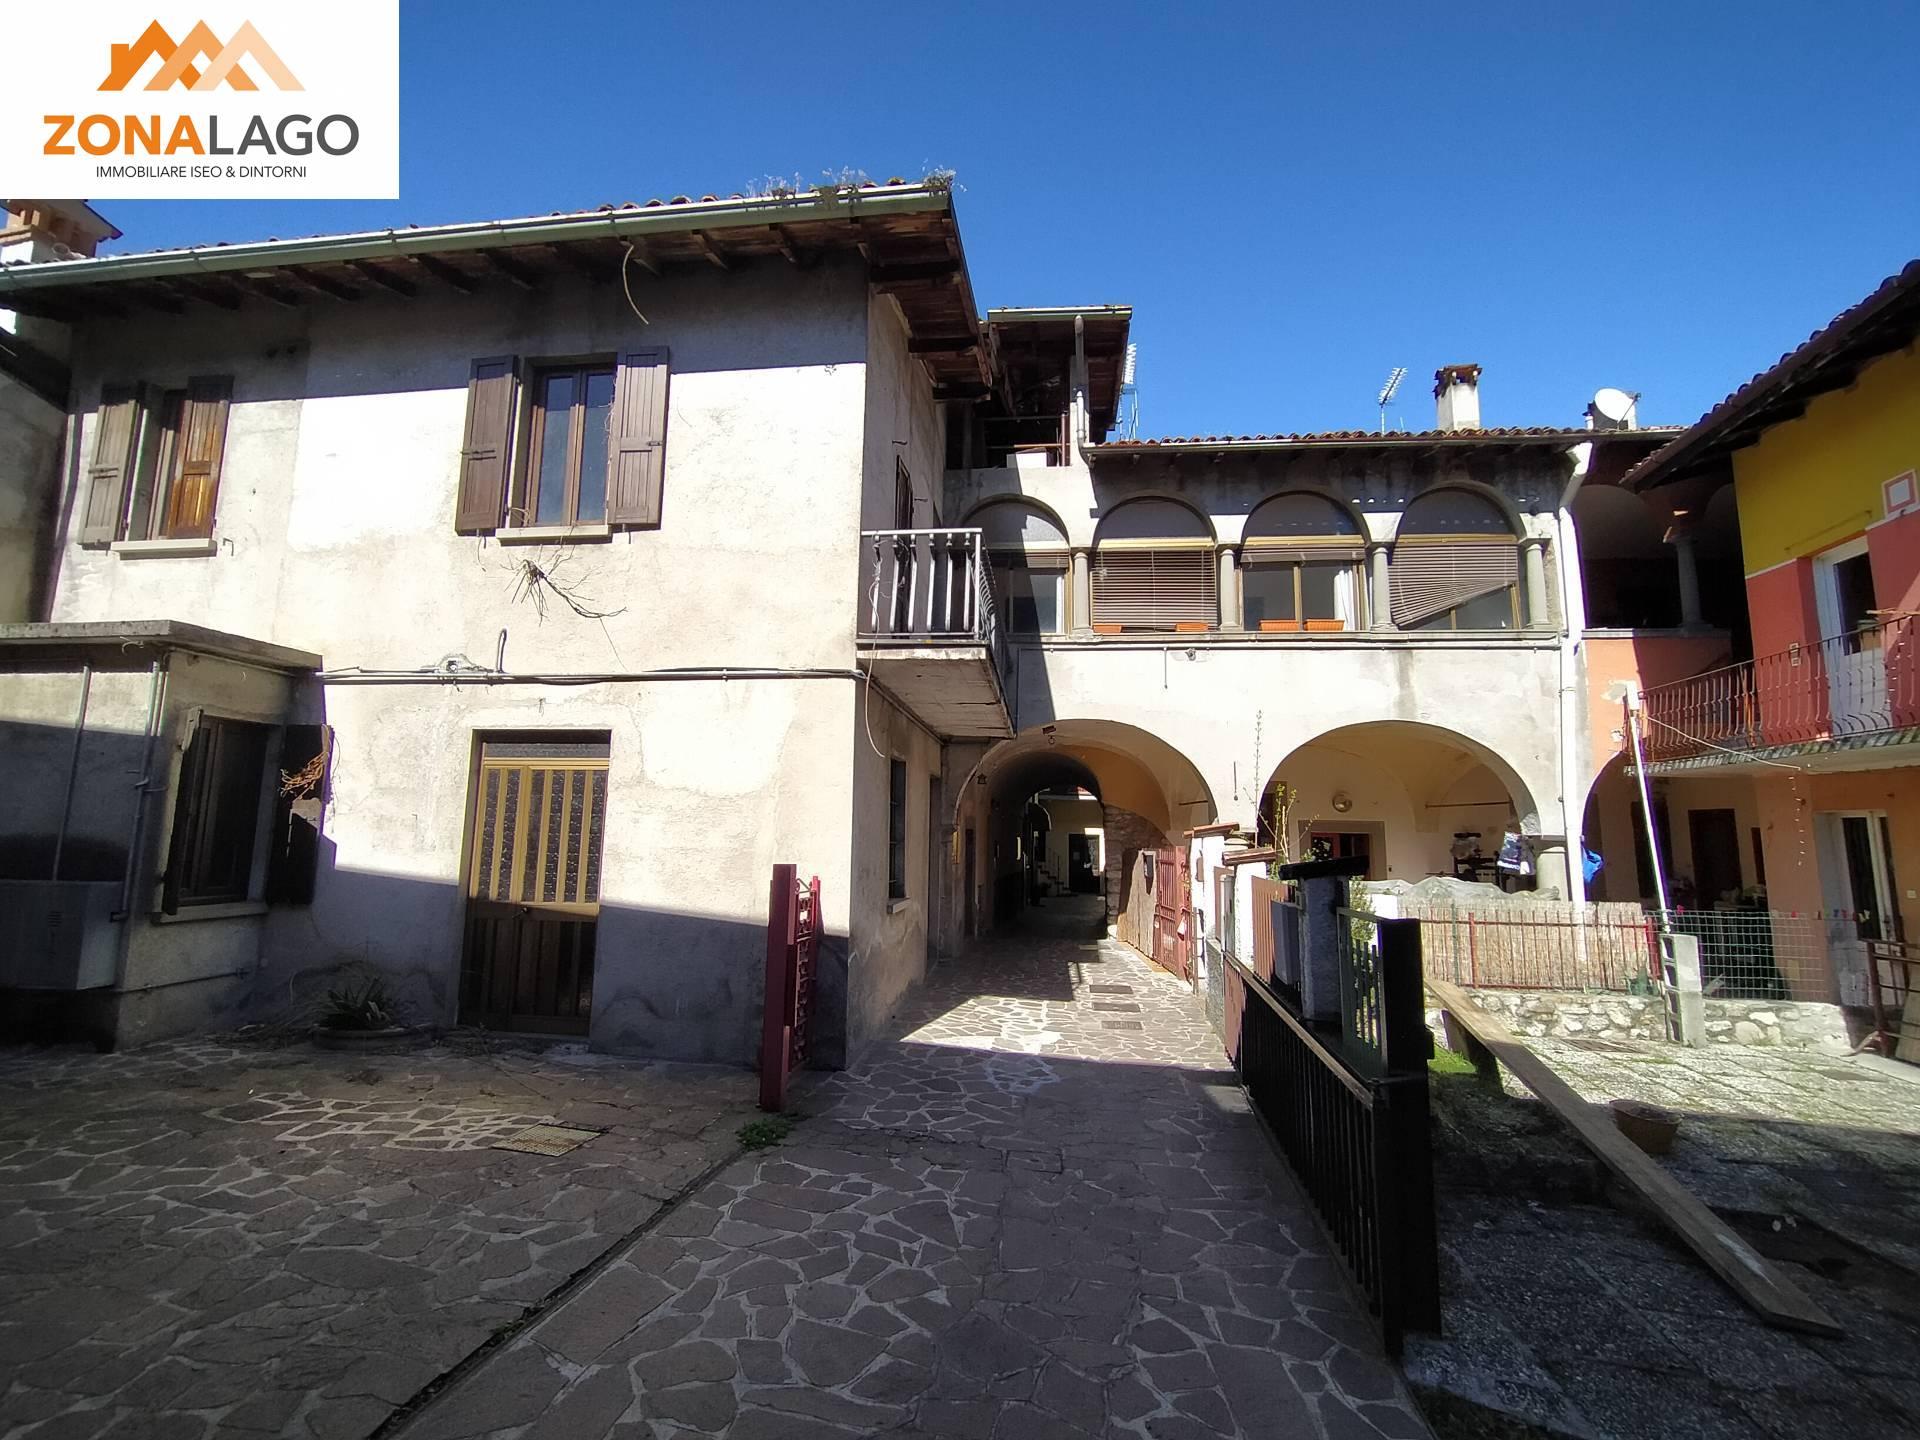 Appartamento in vendita a Sulzano, 3 locali, zona Località: Centro/Centrostorico, prezzo € 60.000 | PortaleAgenzieImmobiliari.it